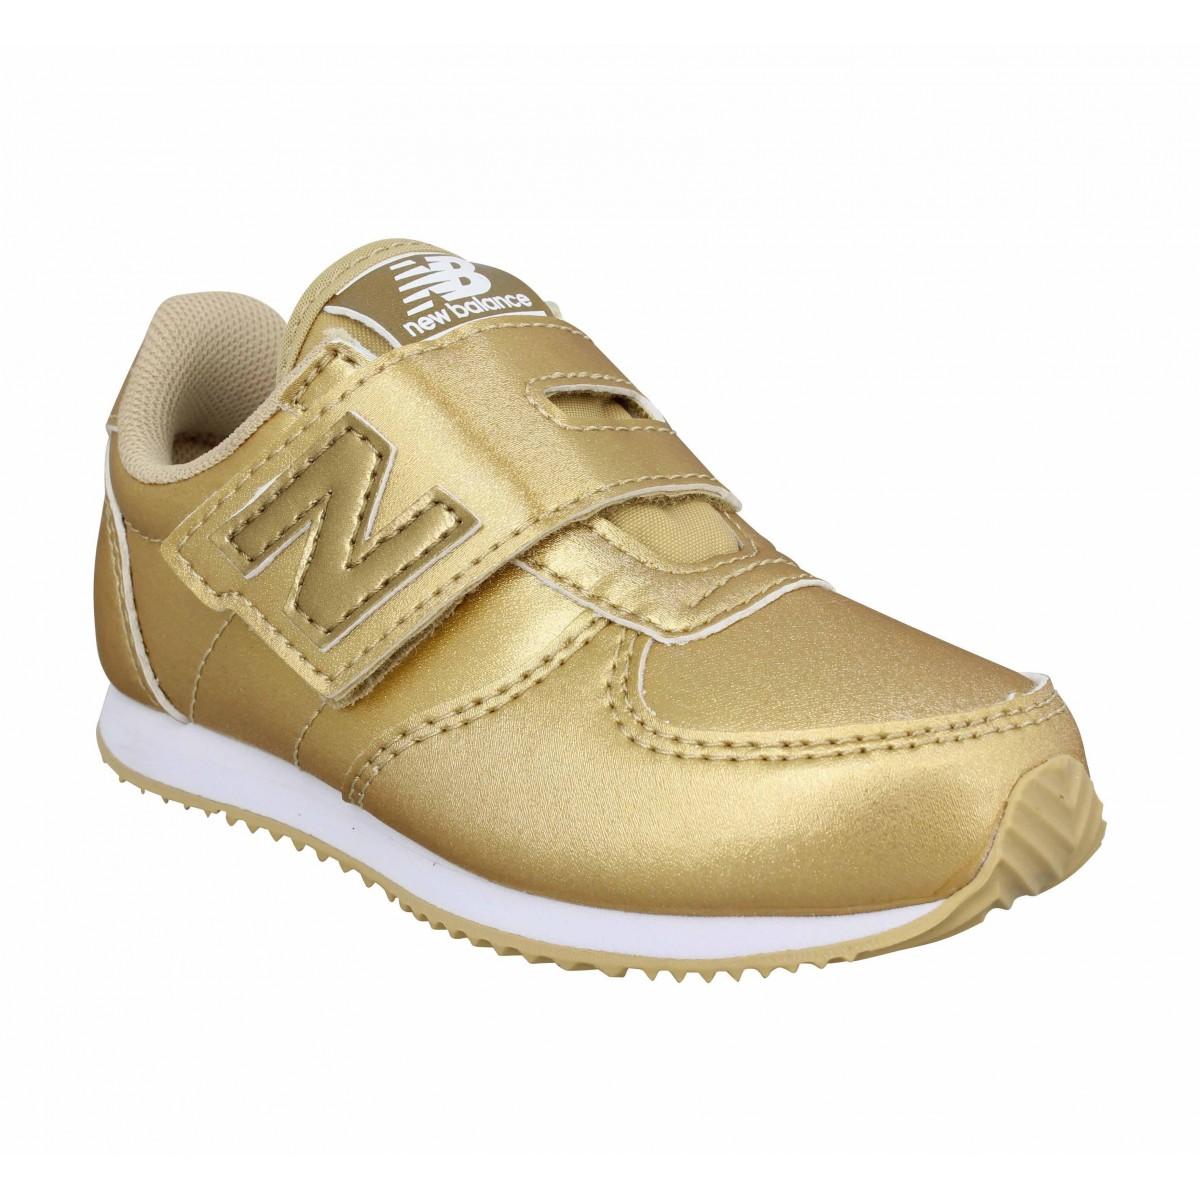 New balance kv220 simili enfant or enfants   Fanny chaussures a325e72bf871